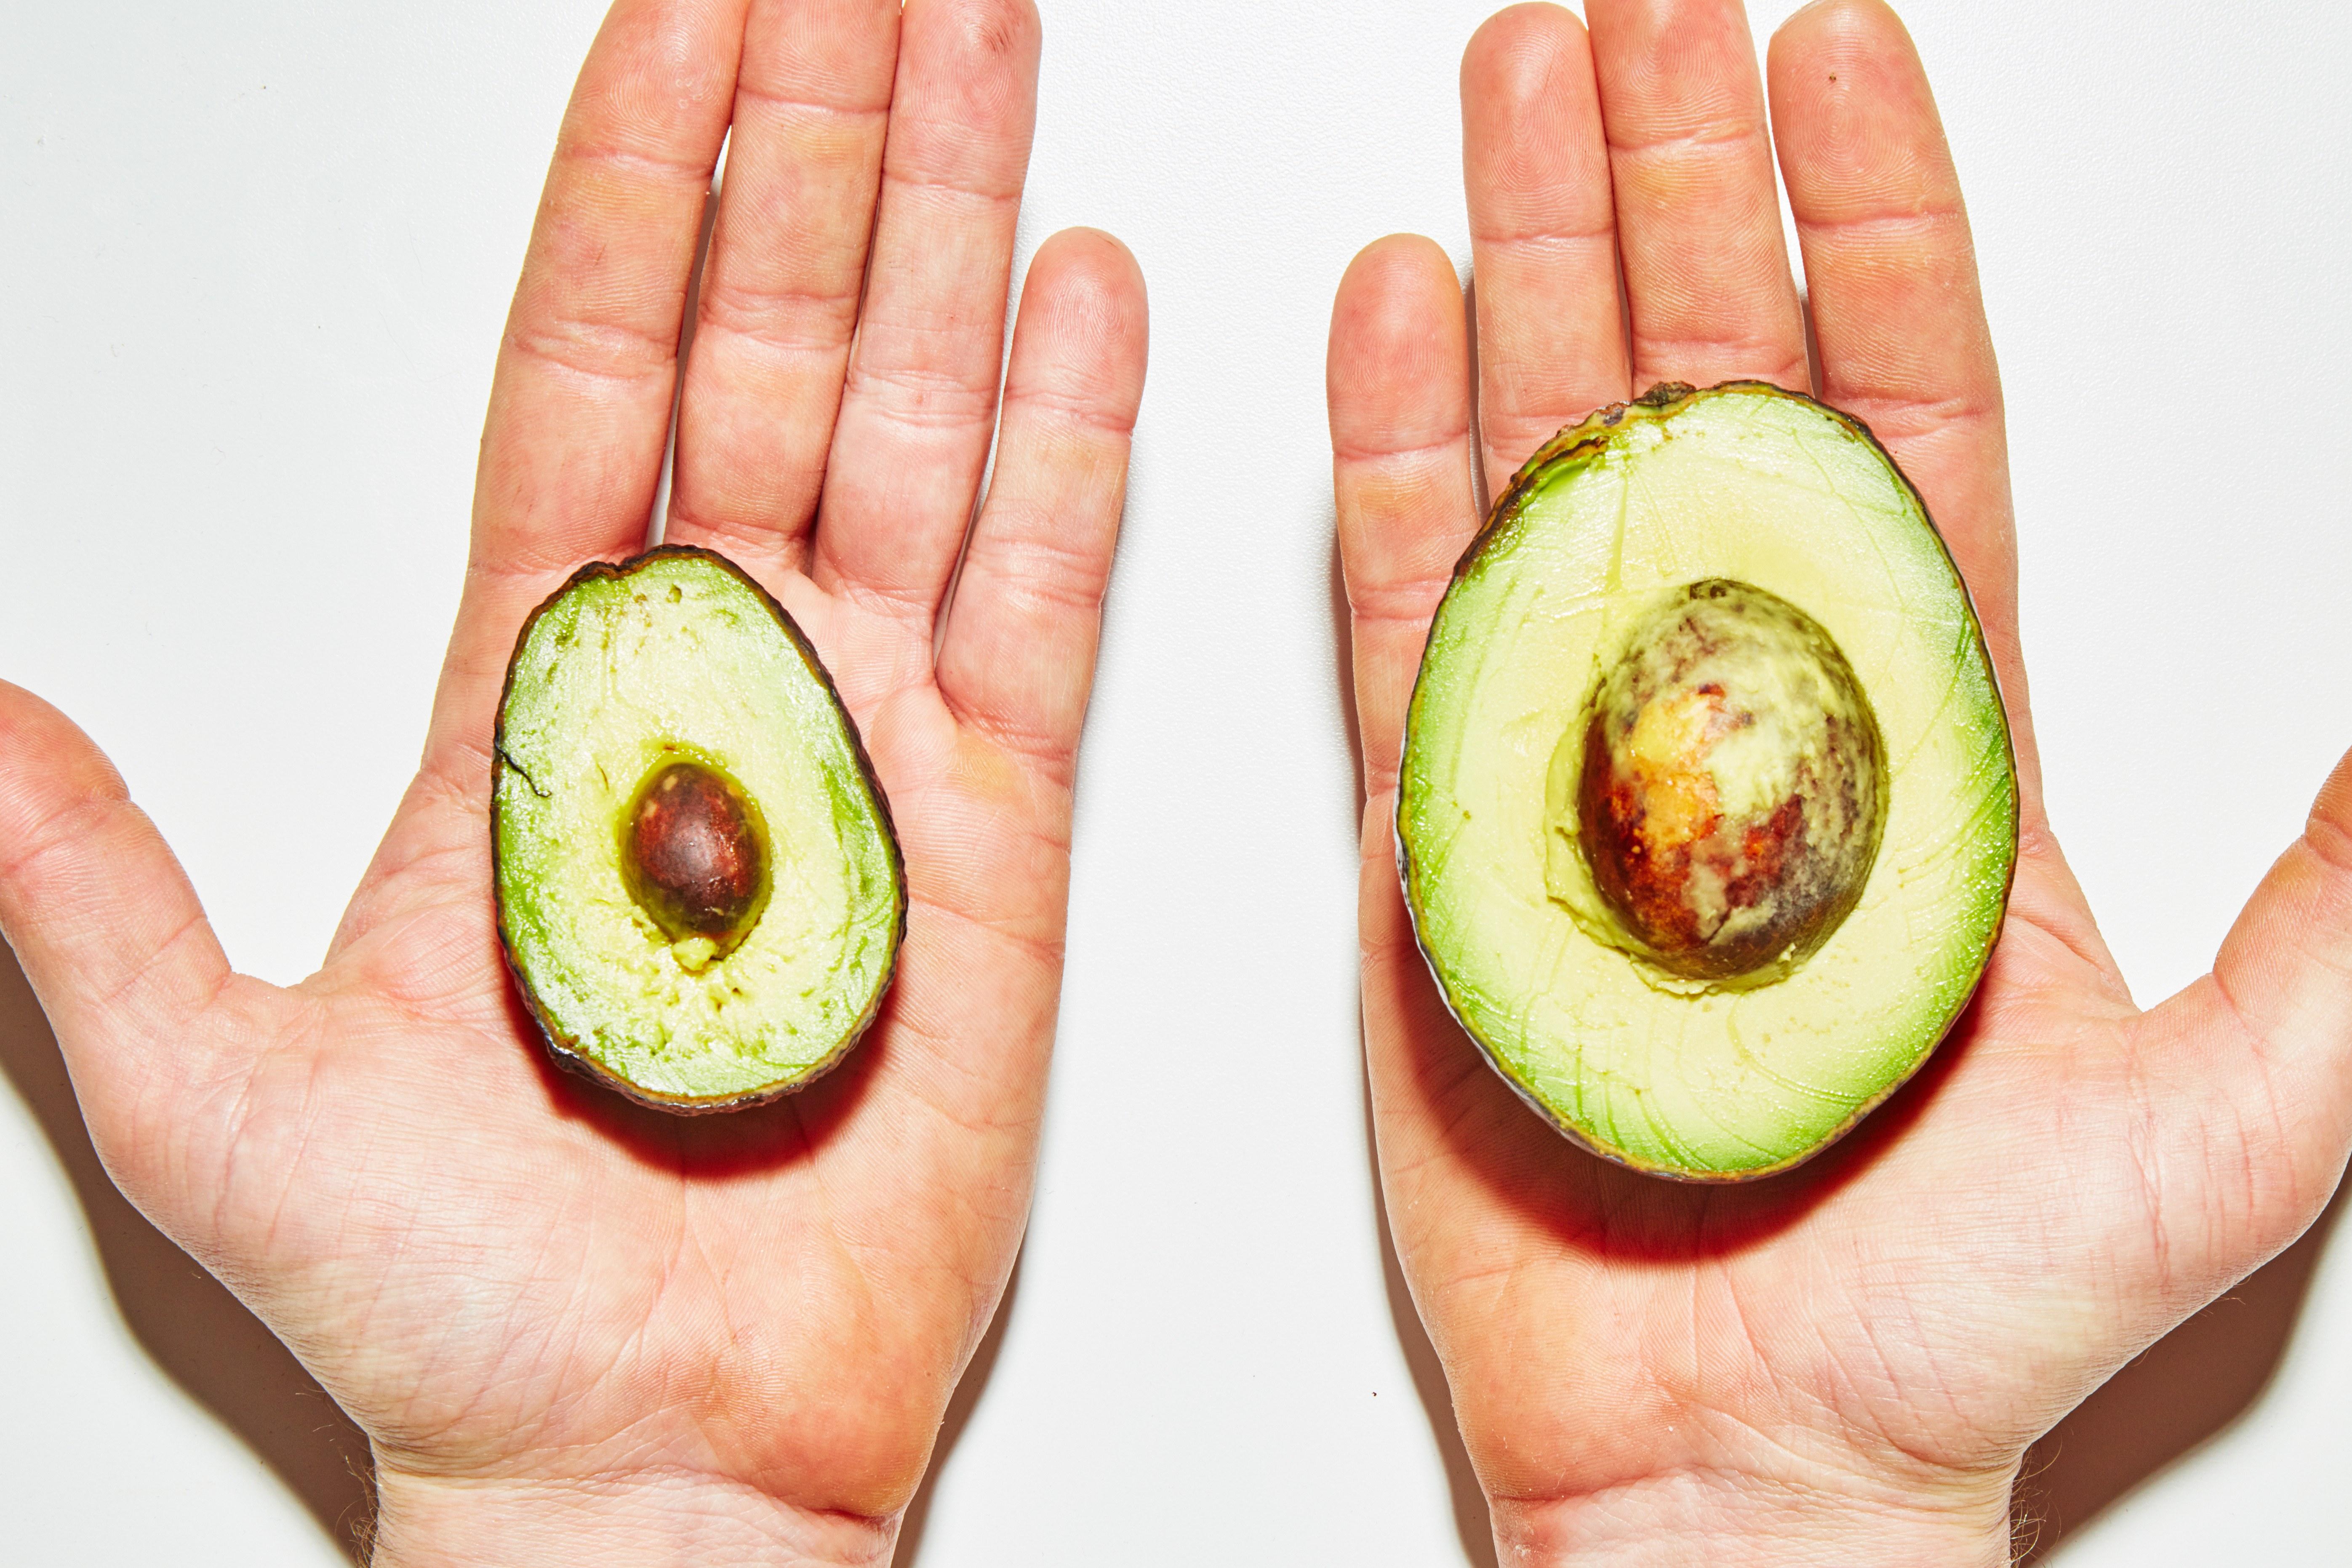 mini avocado next to a normal avocado